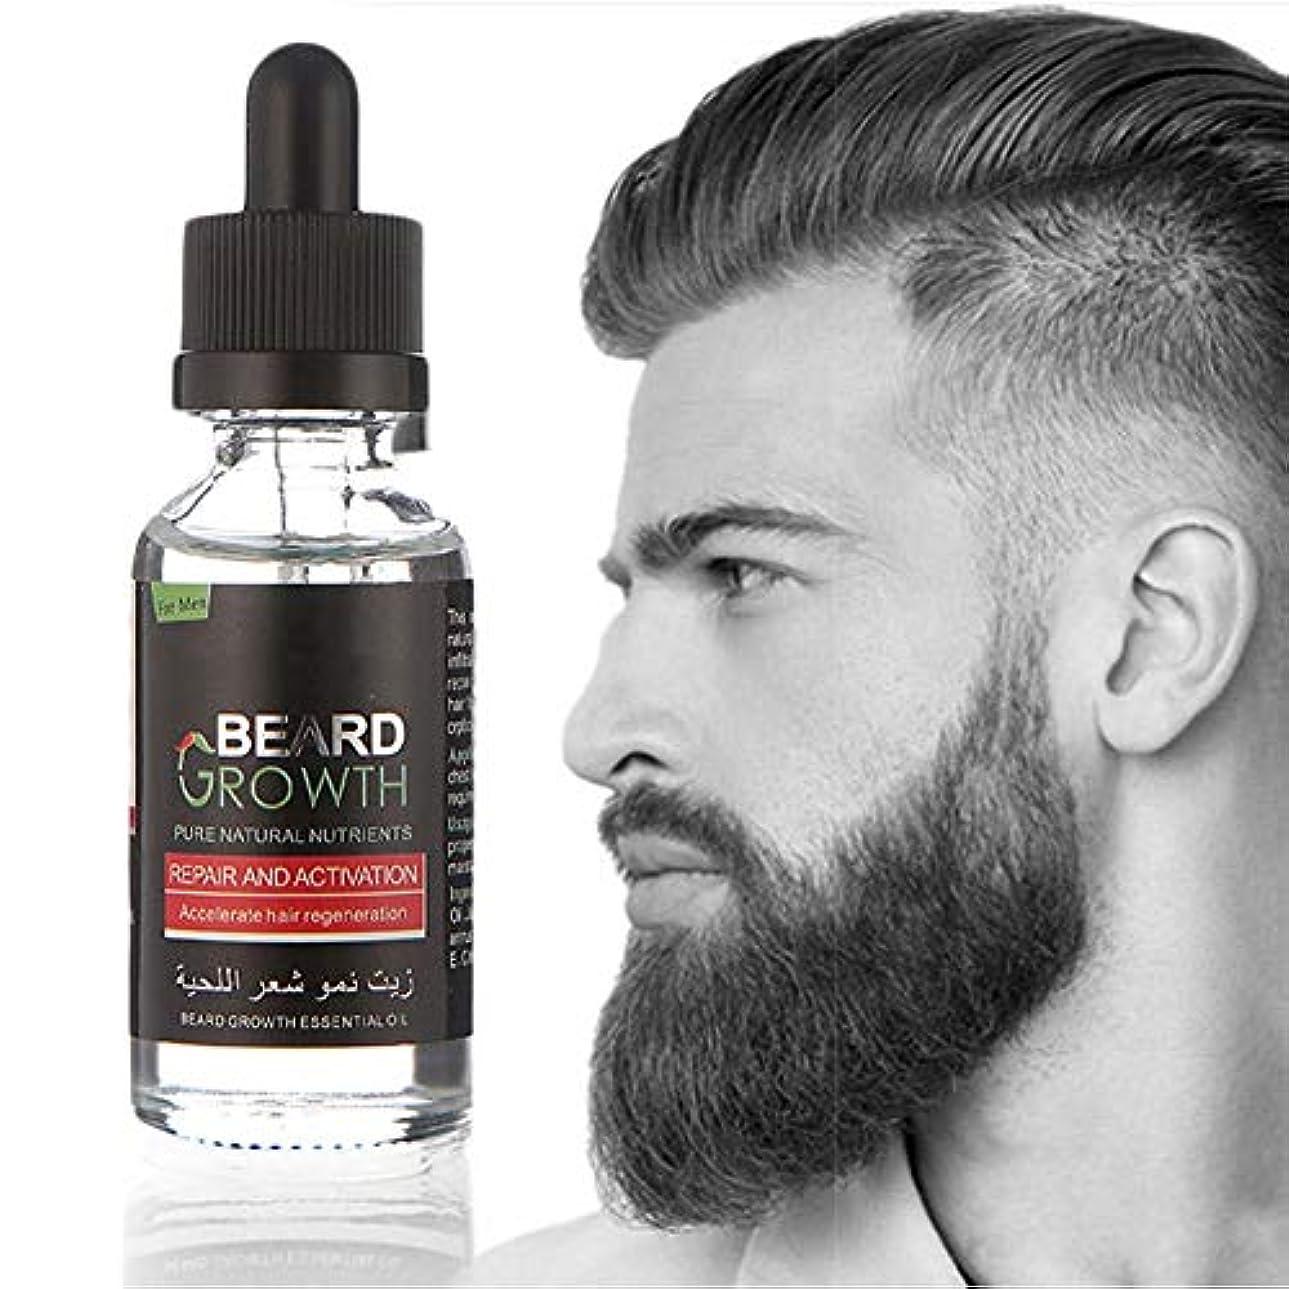 フリッパーたっぷりどれひげ油 オイル 男性の髭ケア ひげの成長 100% ナチュラル オーガニック 植物油 ヘア コンディショナー 育毛 トニック 眉毛 増毛 育毛ソリューション